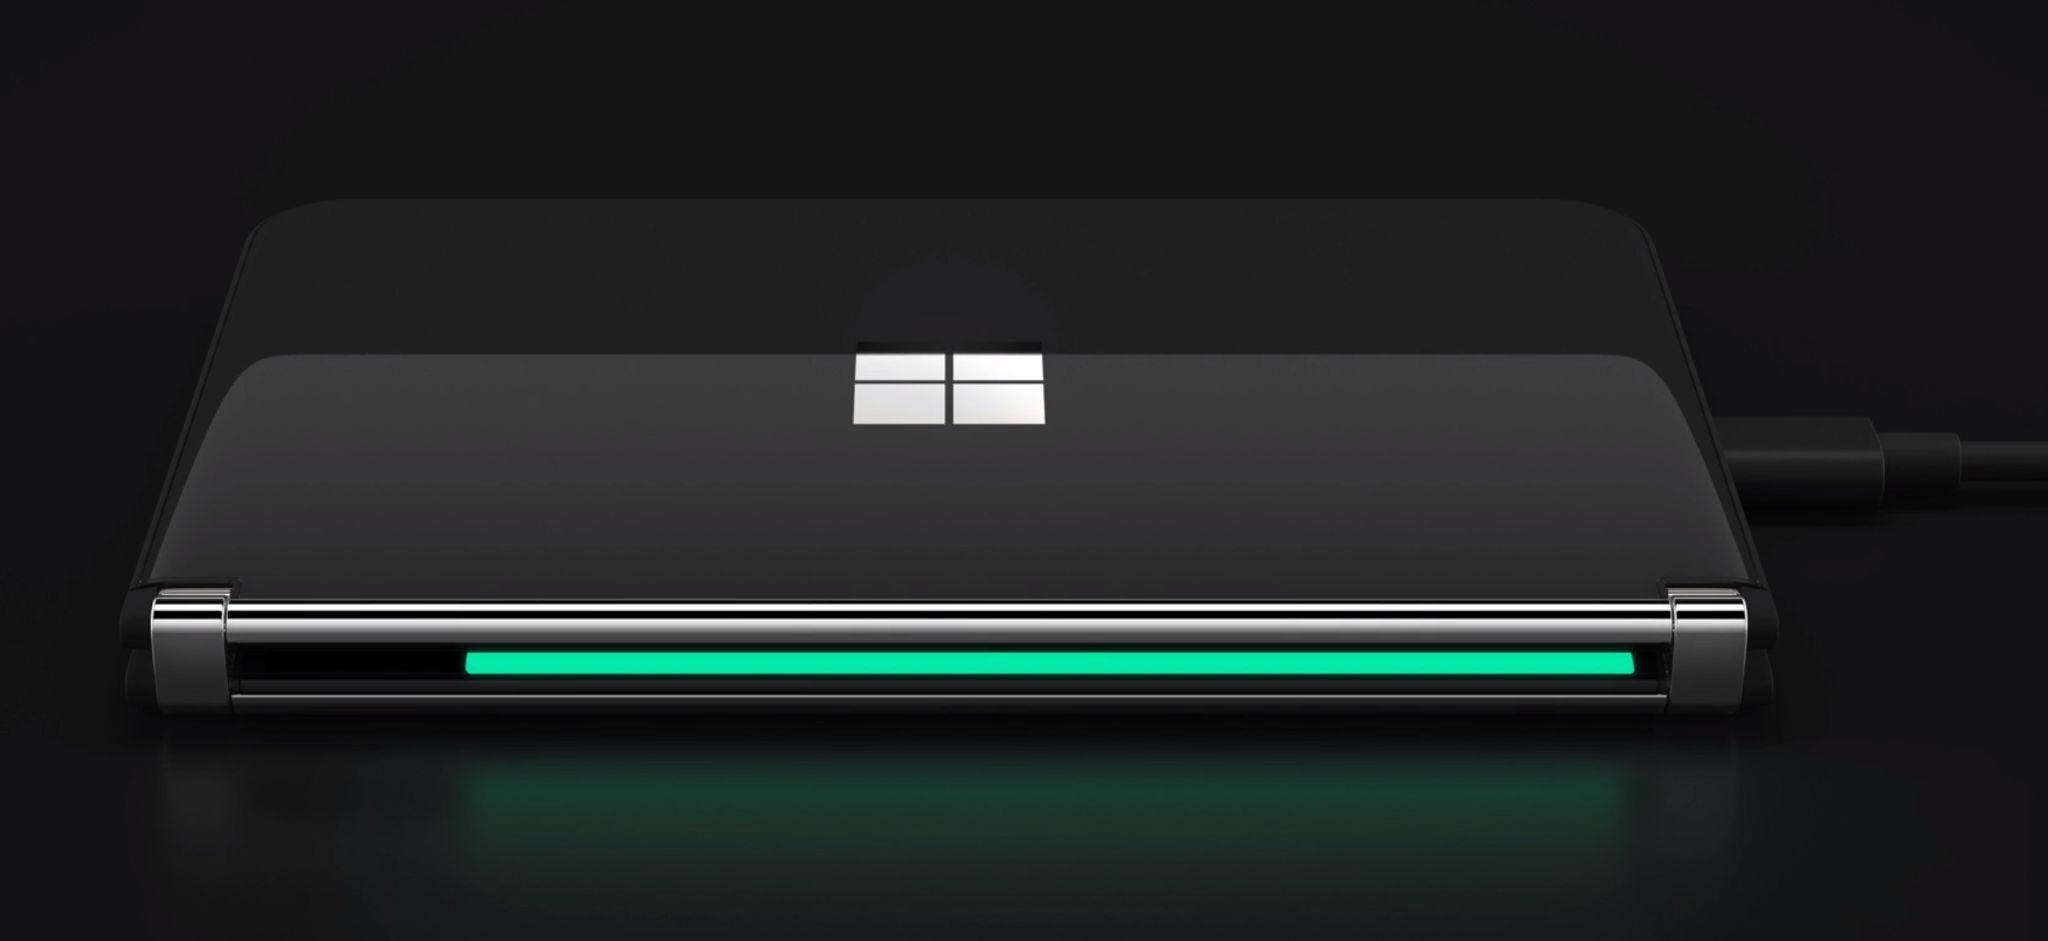 Surface-Duo-2-hoat-dong-khi-tat